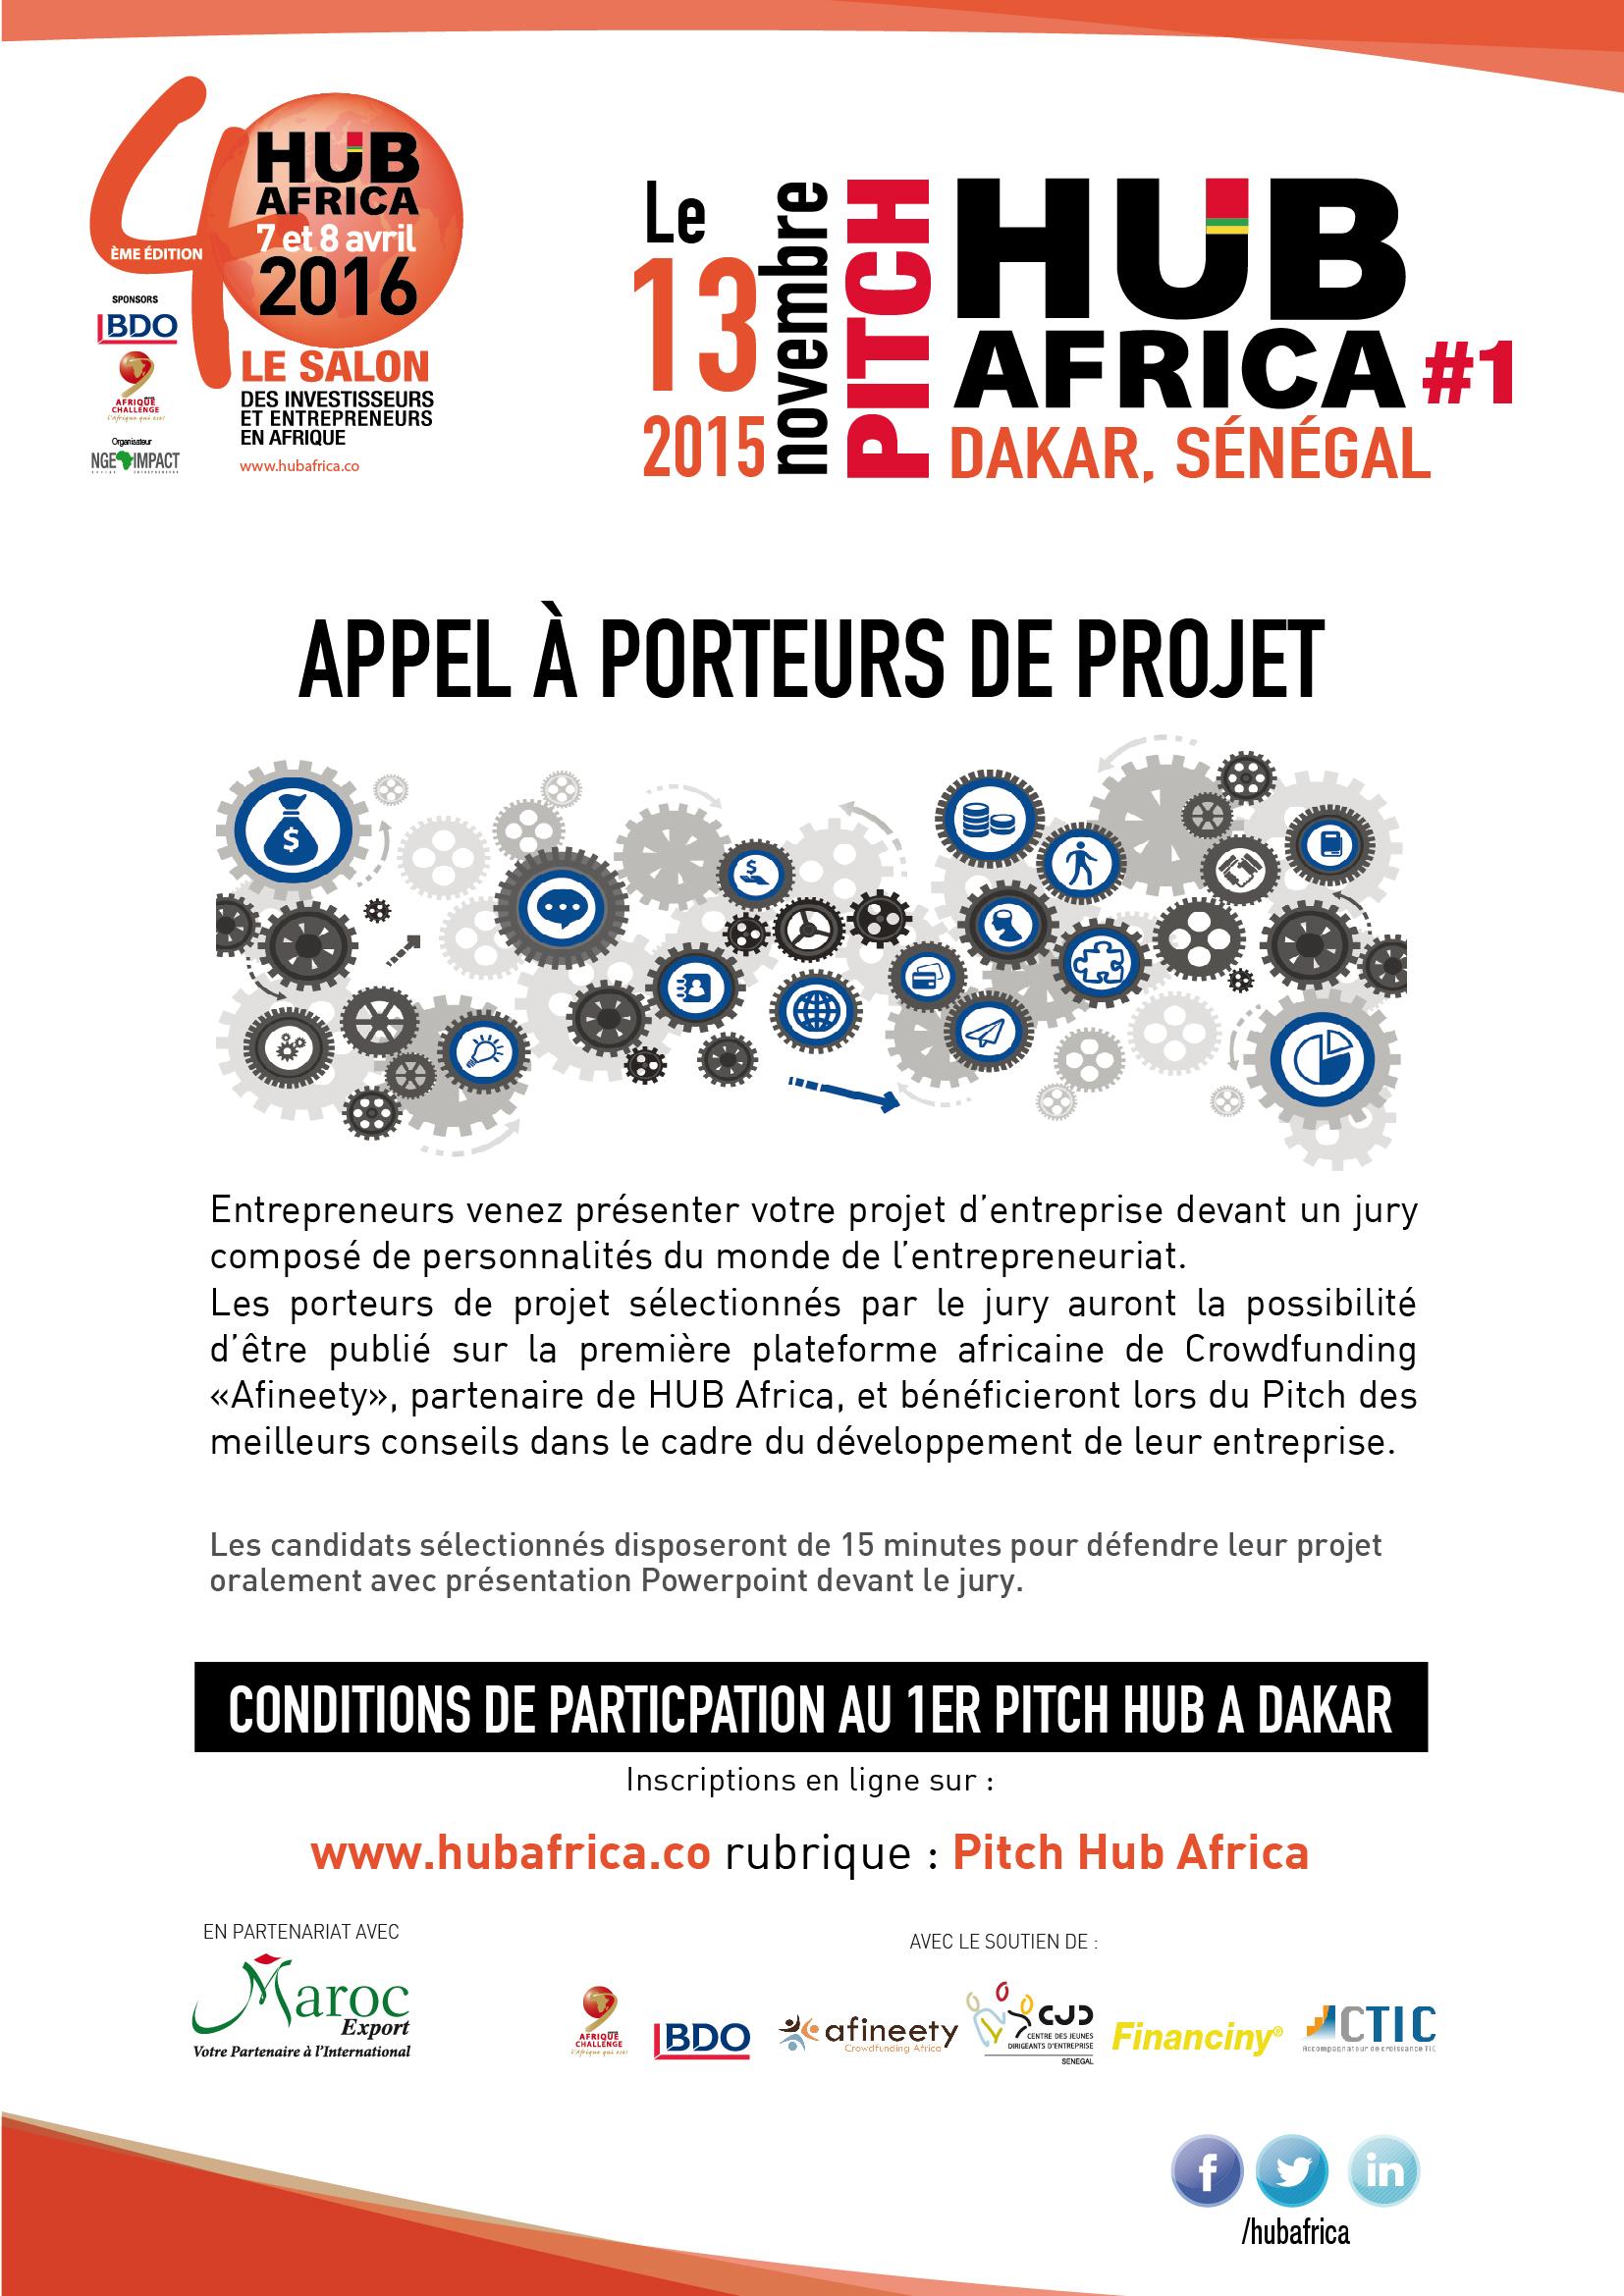 Coup d'accélérateur aux échanges économiques et commerciaux, le 1er Pitch Hub Africa lancé le 13 novembre prochain